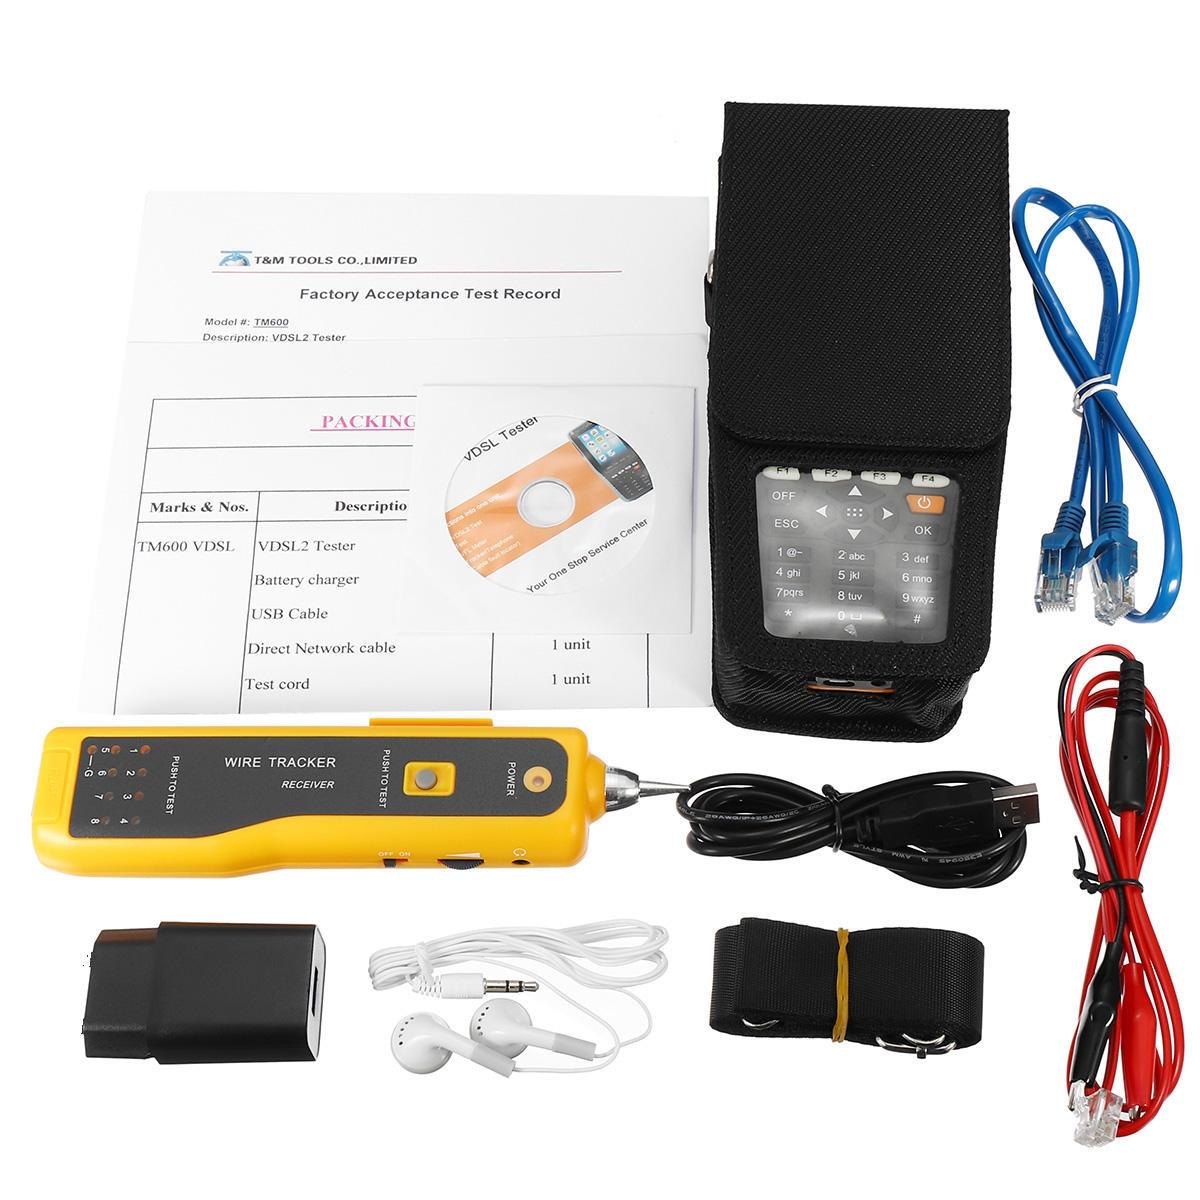 TM-600 Allt-i-ett VDSL VDSL2 Tester TDR / ADSL / VDSL / OPM / VFL Funktionston Tracker Kondensator